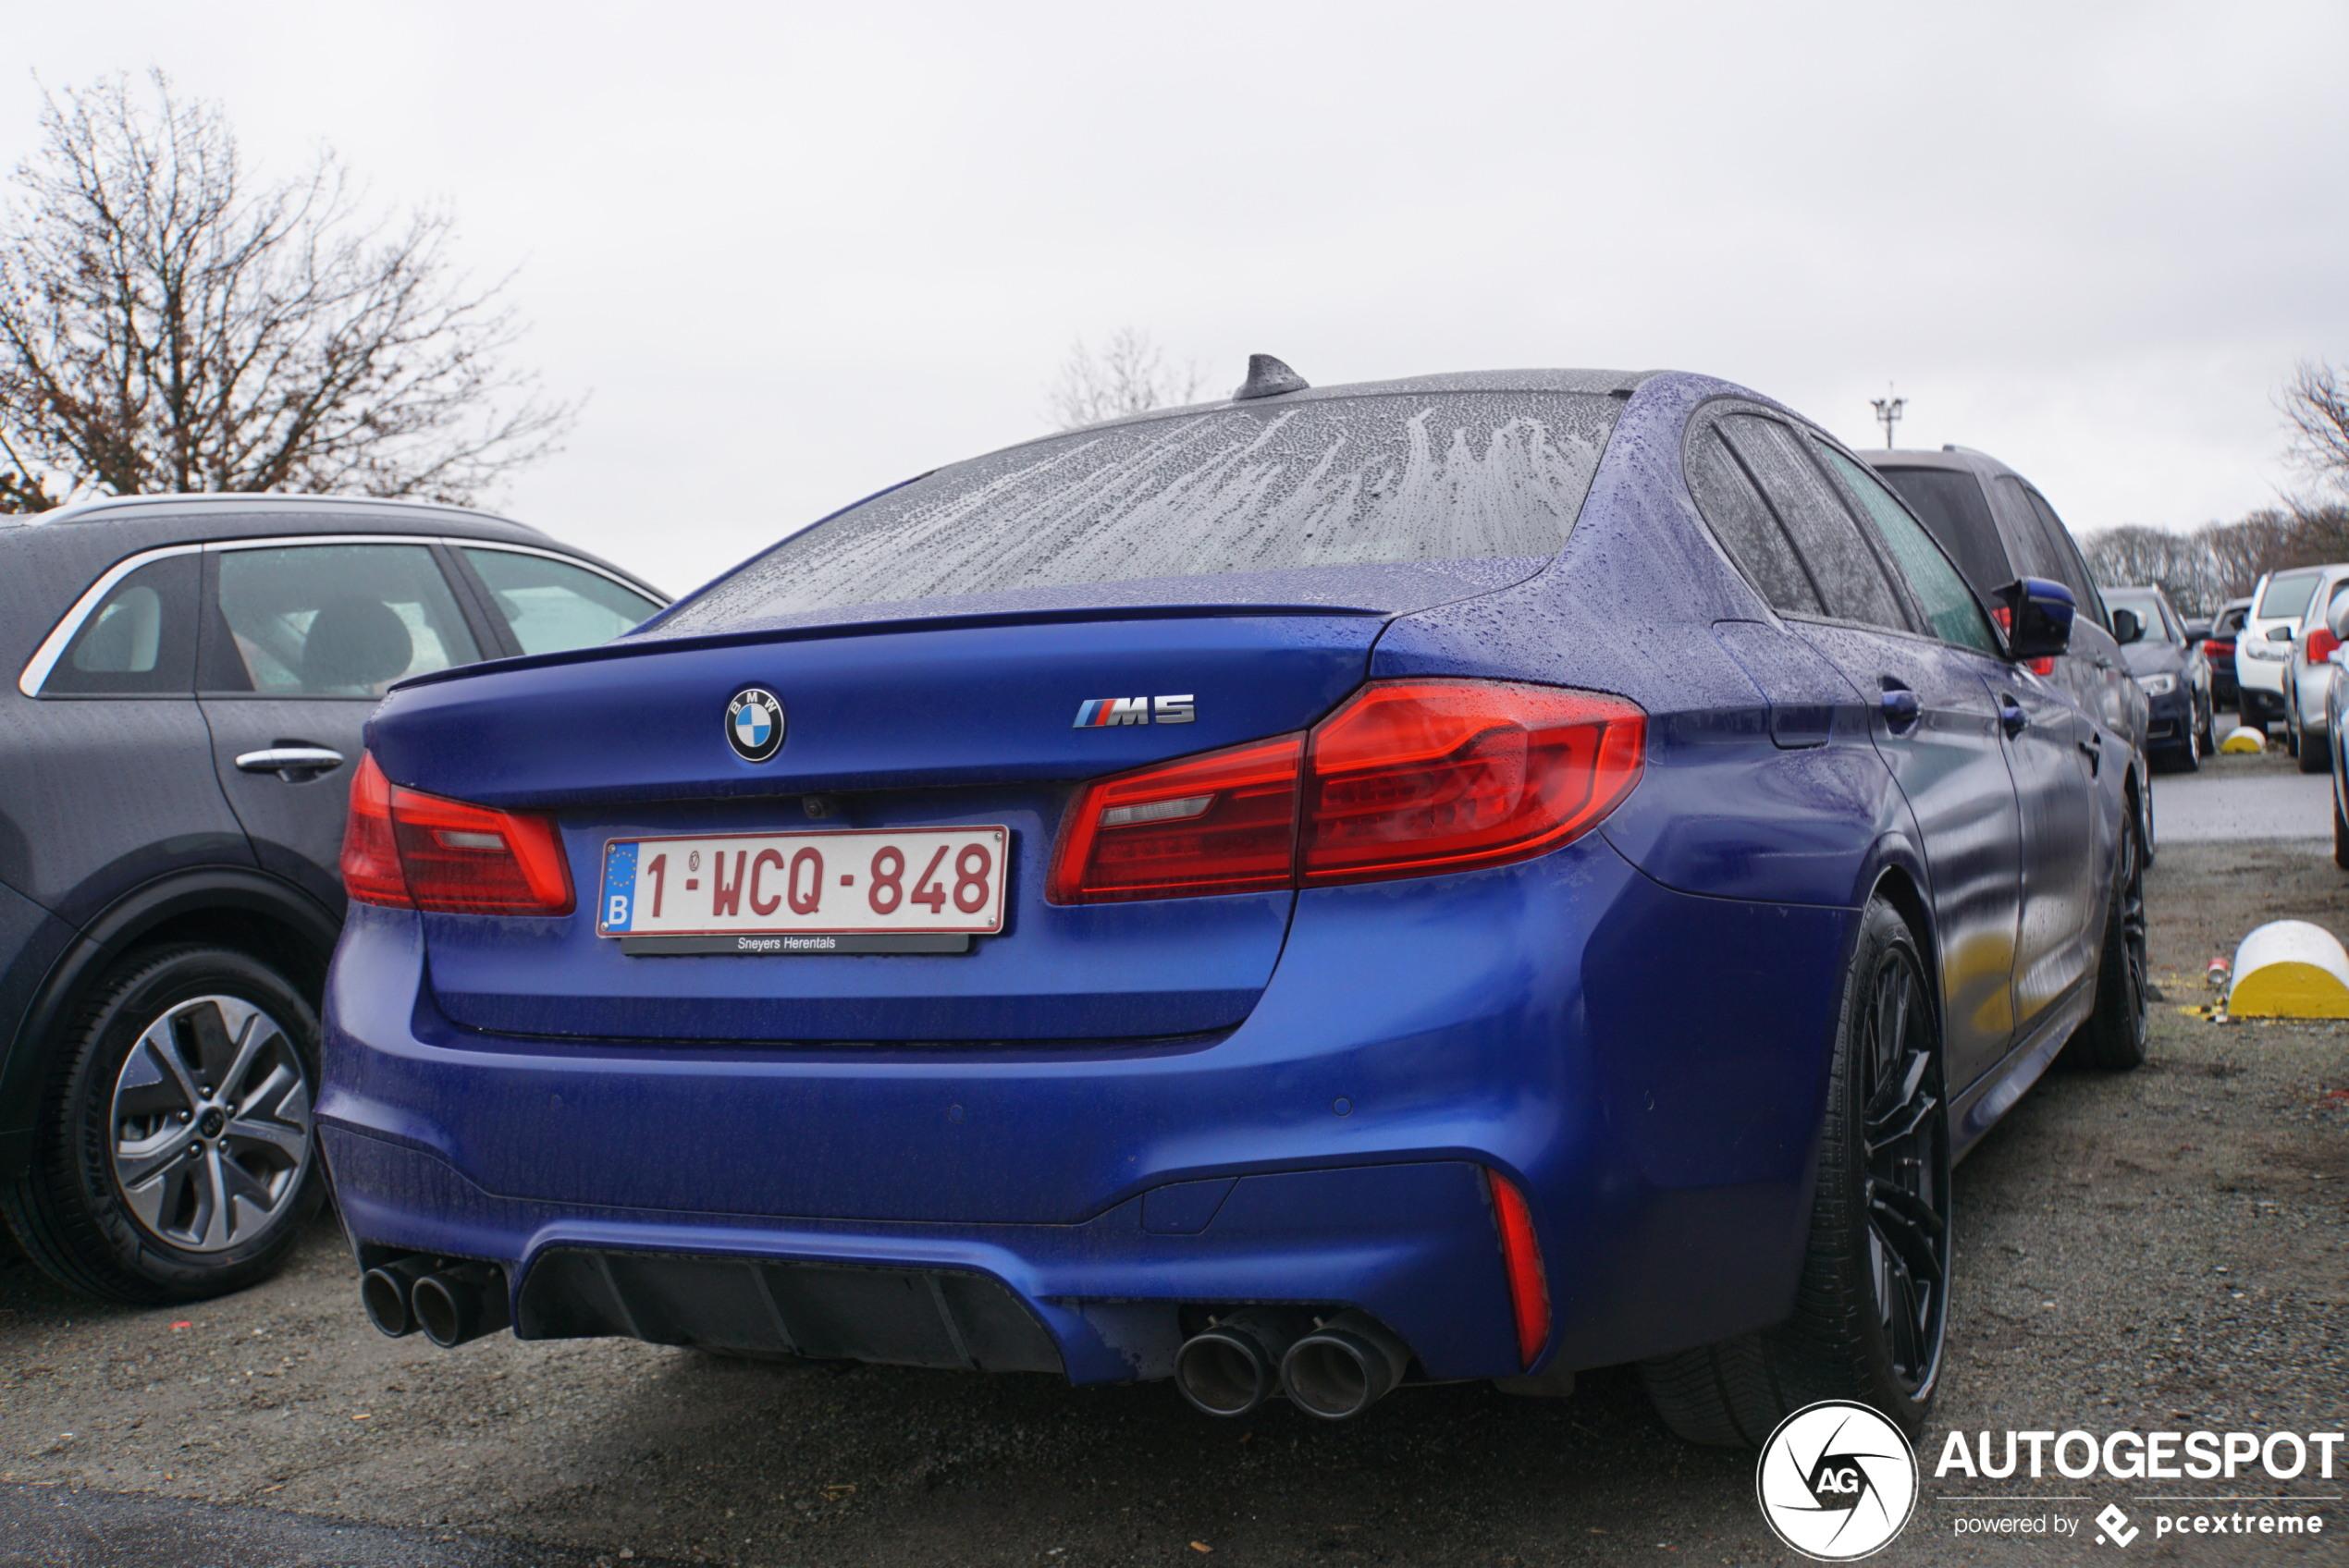 BMW M5 F90 - 12 January 2020 - Autogespot